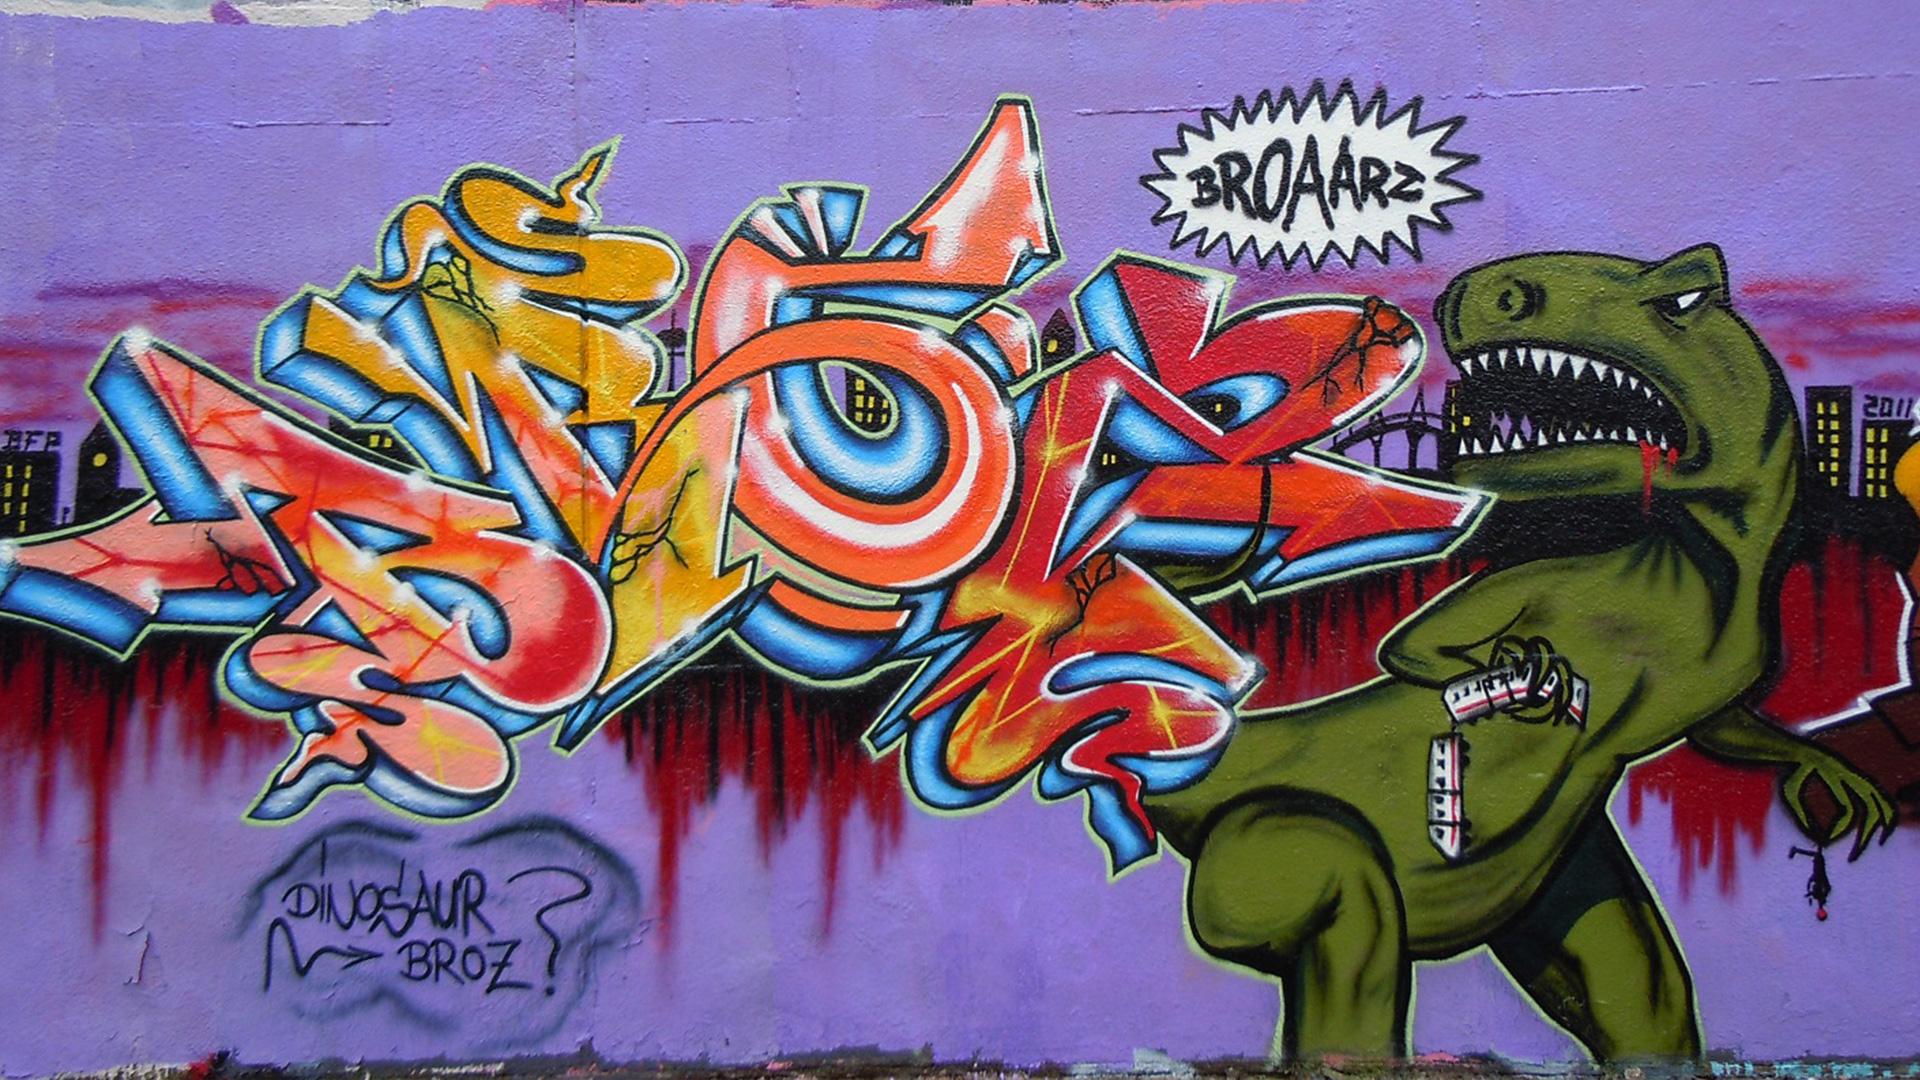 brozilla-graffiti-page-07